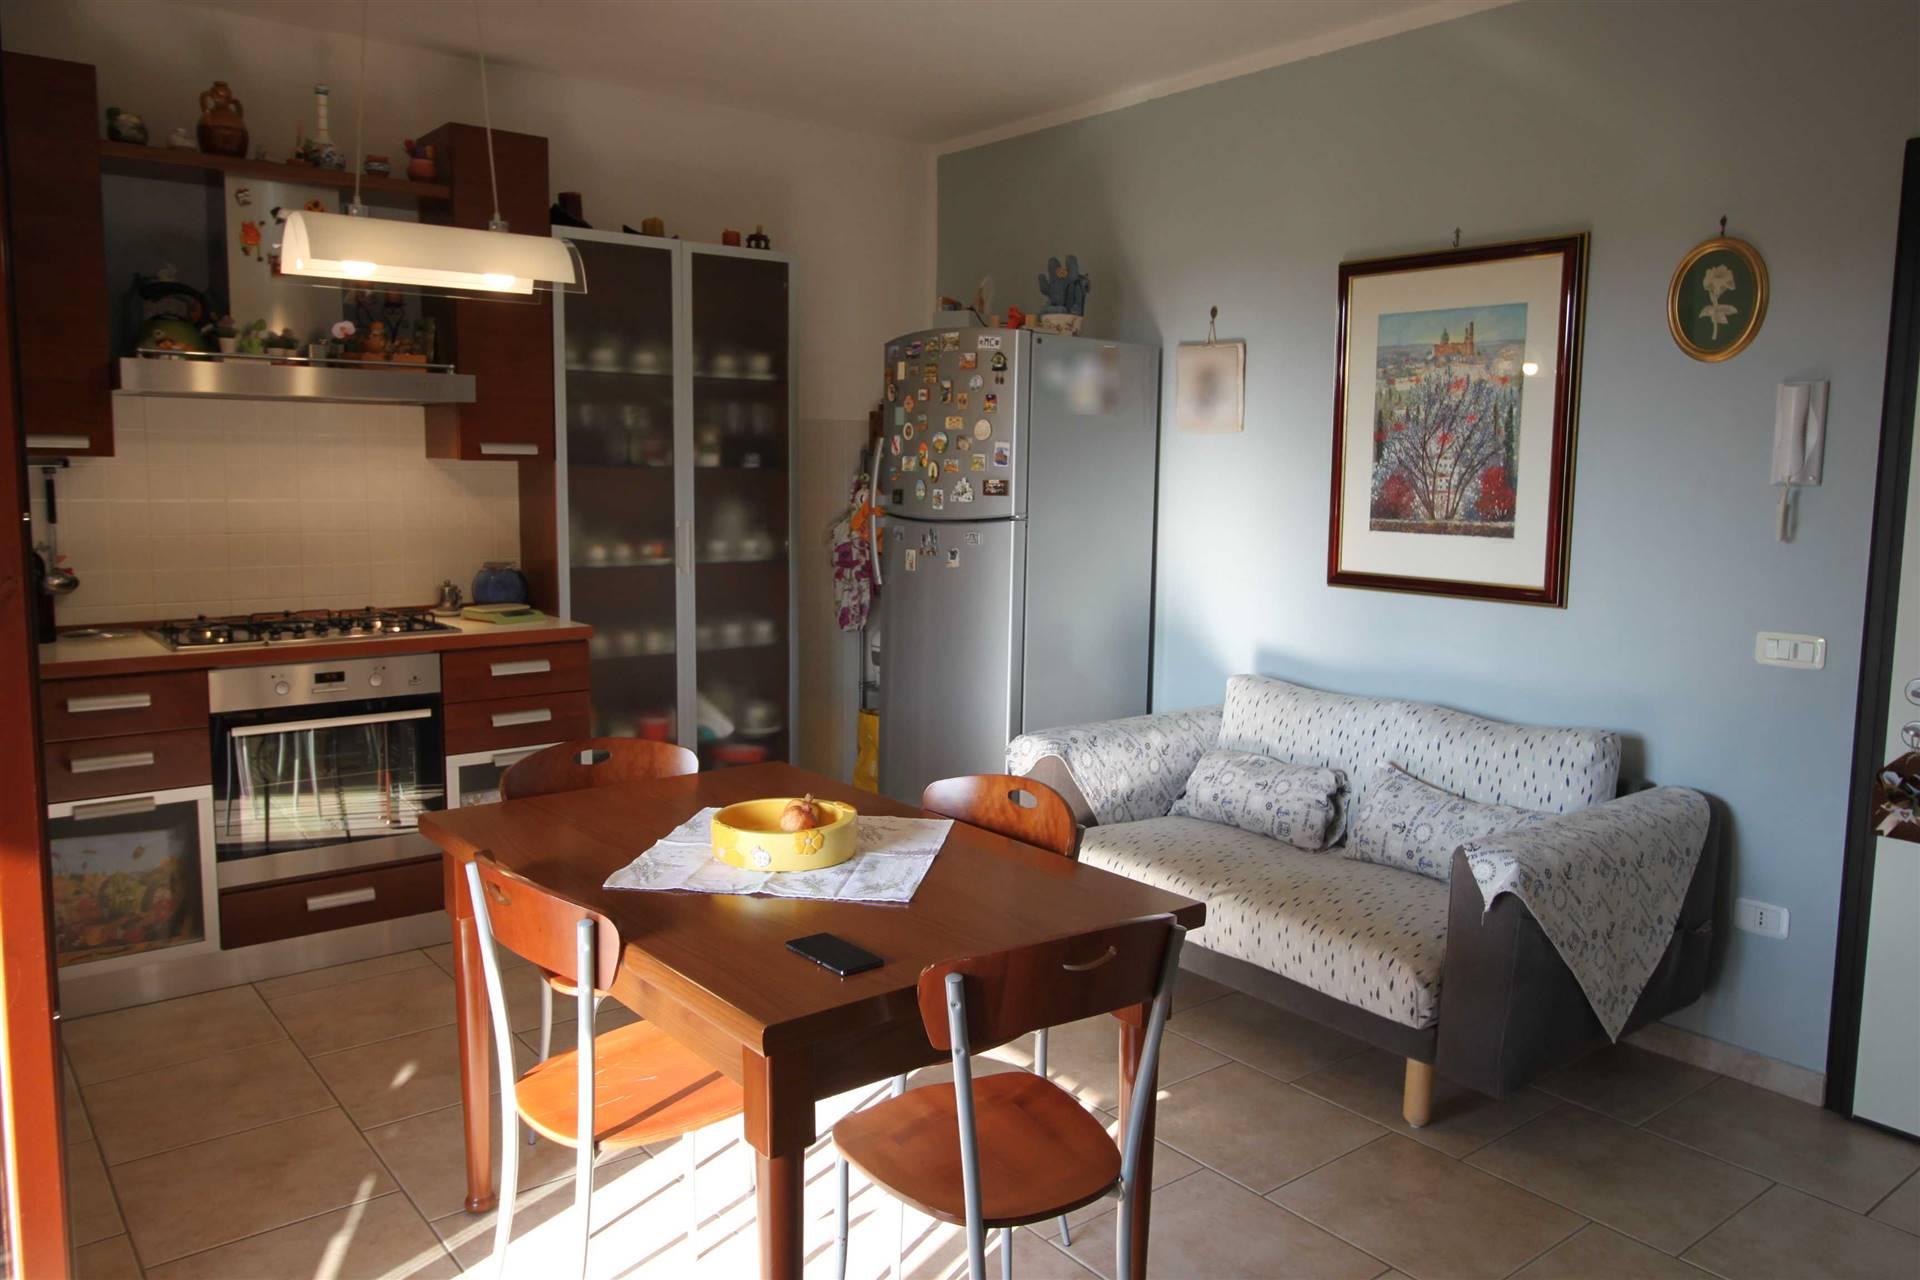 ZONA PIZZETTI - Via Carlo Zecchini 19 Zona residenziale appartamento seminuovo al piano primo con ascensore, composto di soggiorno ampio con angolo cottura di discrete dimensioni, terrazza panoramica